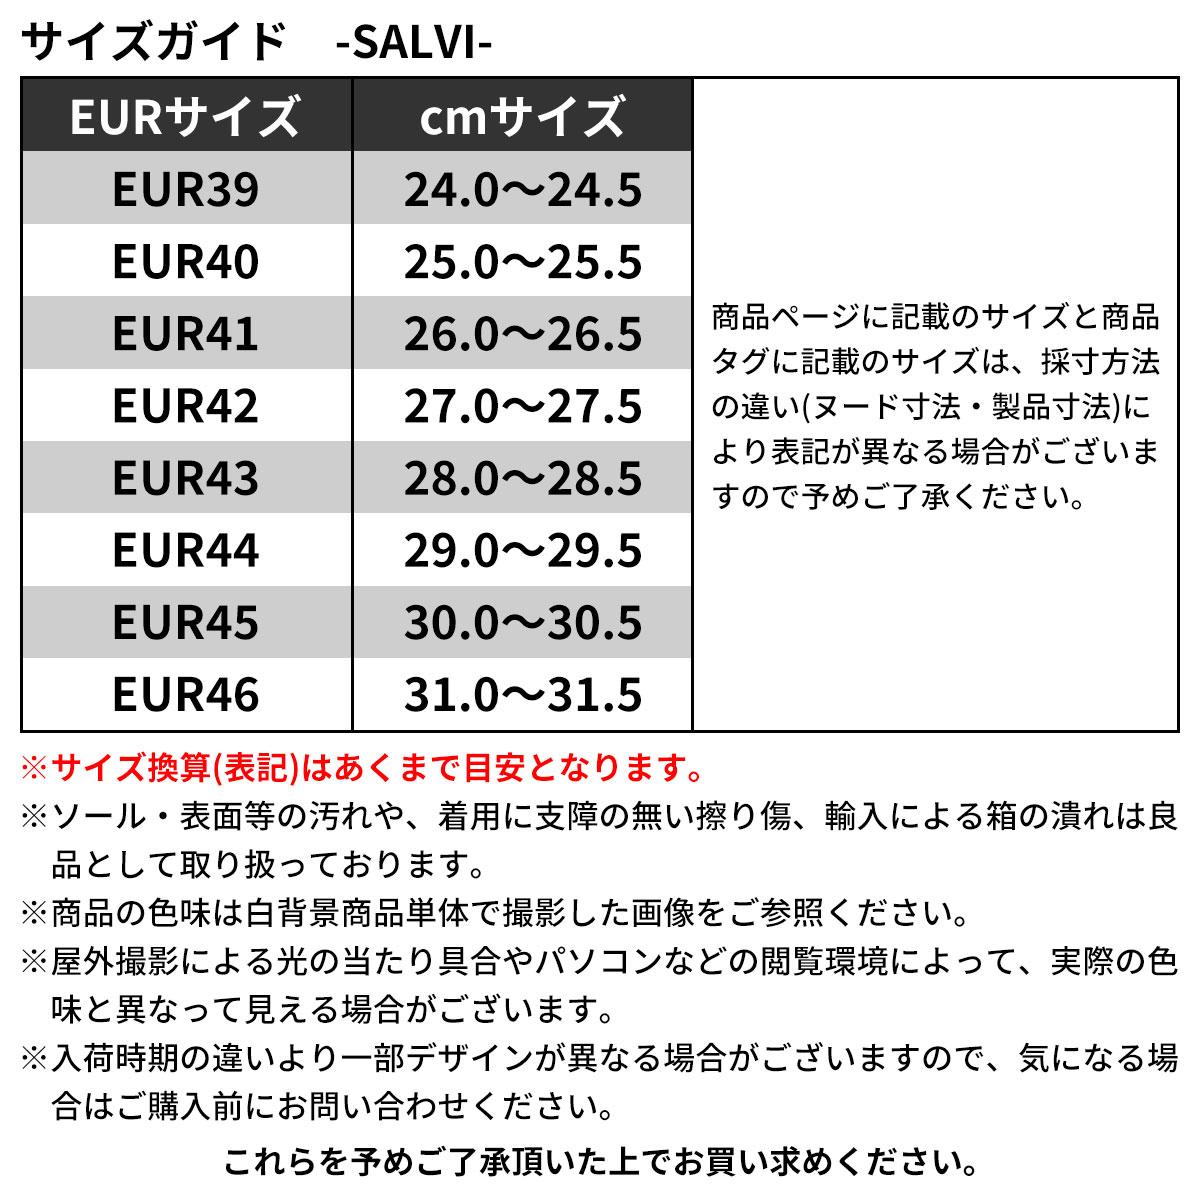 サルヴィ SALVI 正規販売店 シューズ ESPADRILLE SHOES エスパドリーユ シューズ 44-2 NEGRO BLACK A71B B1C C4D D2E E13F